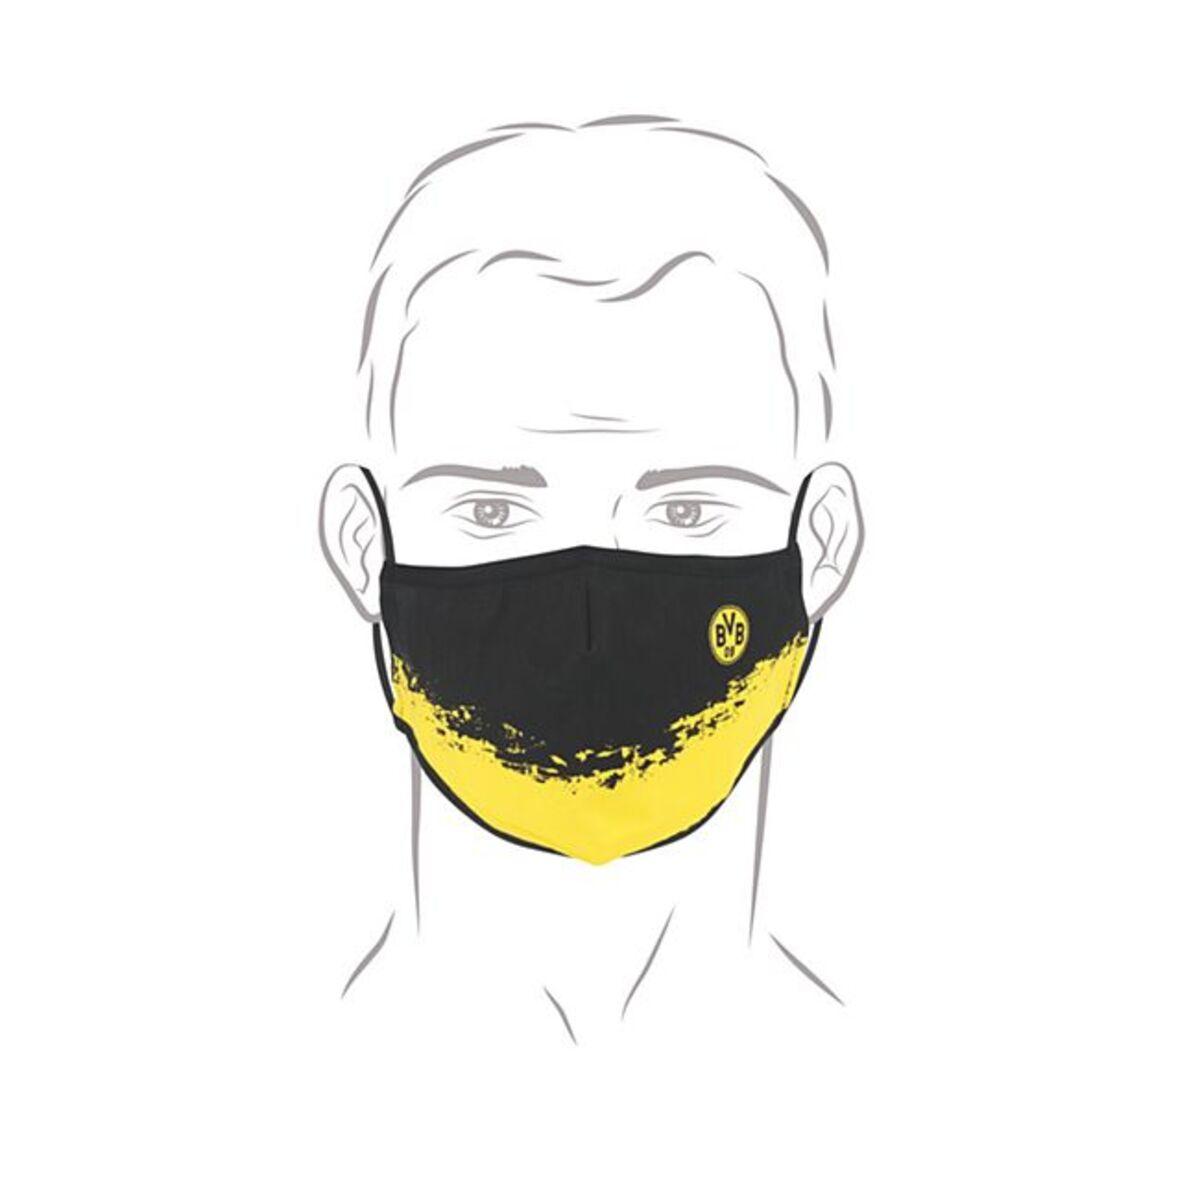 Bild 1 von BVB Mund-Nasen-Maske gelb/schwarz